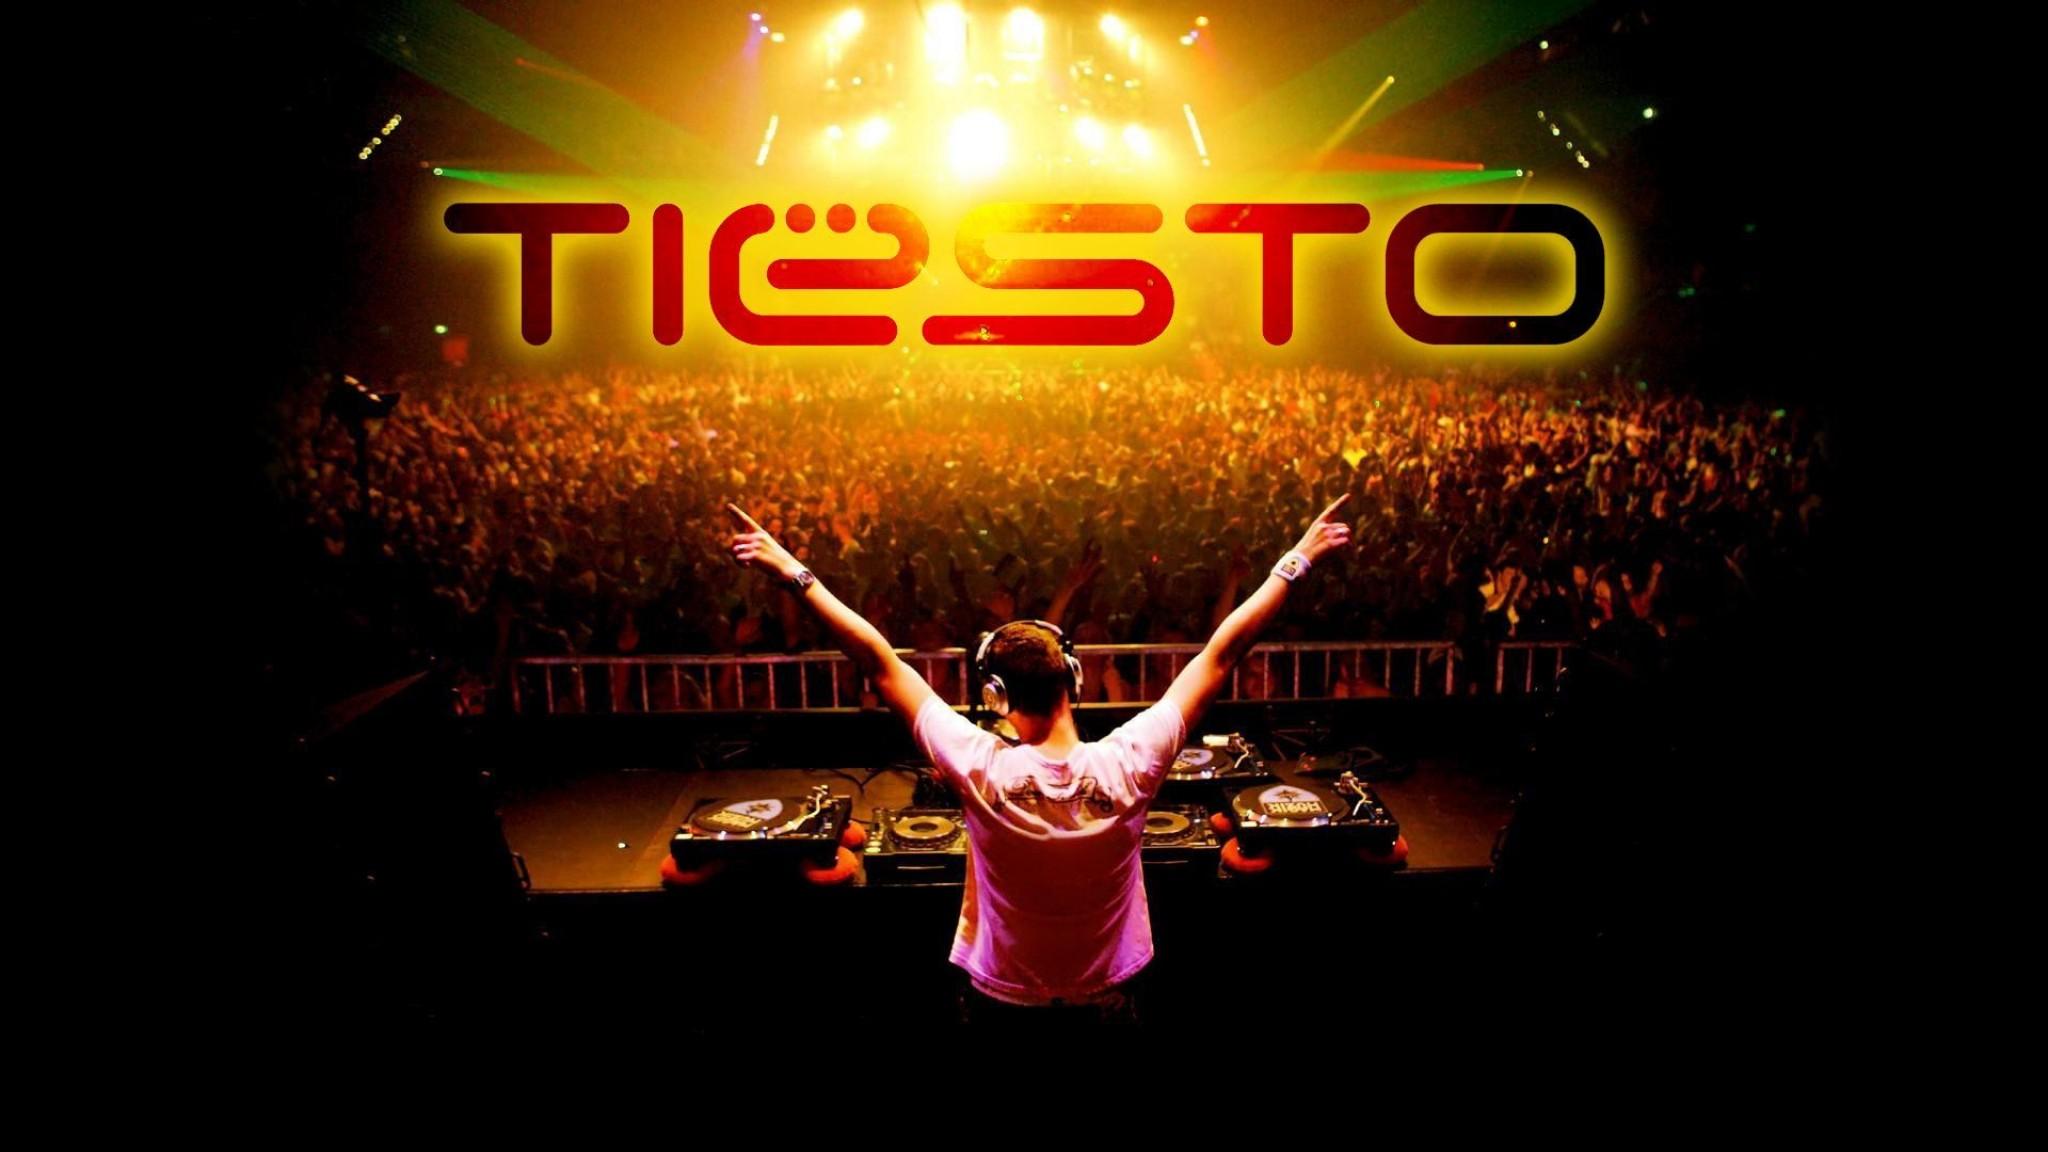 Tiesto  Dj  Music  Trance  Hd HD Wallpaper